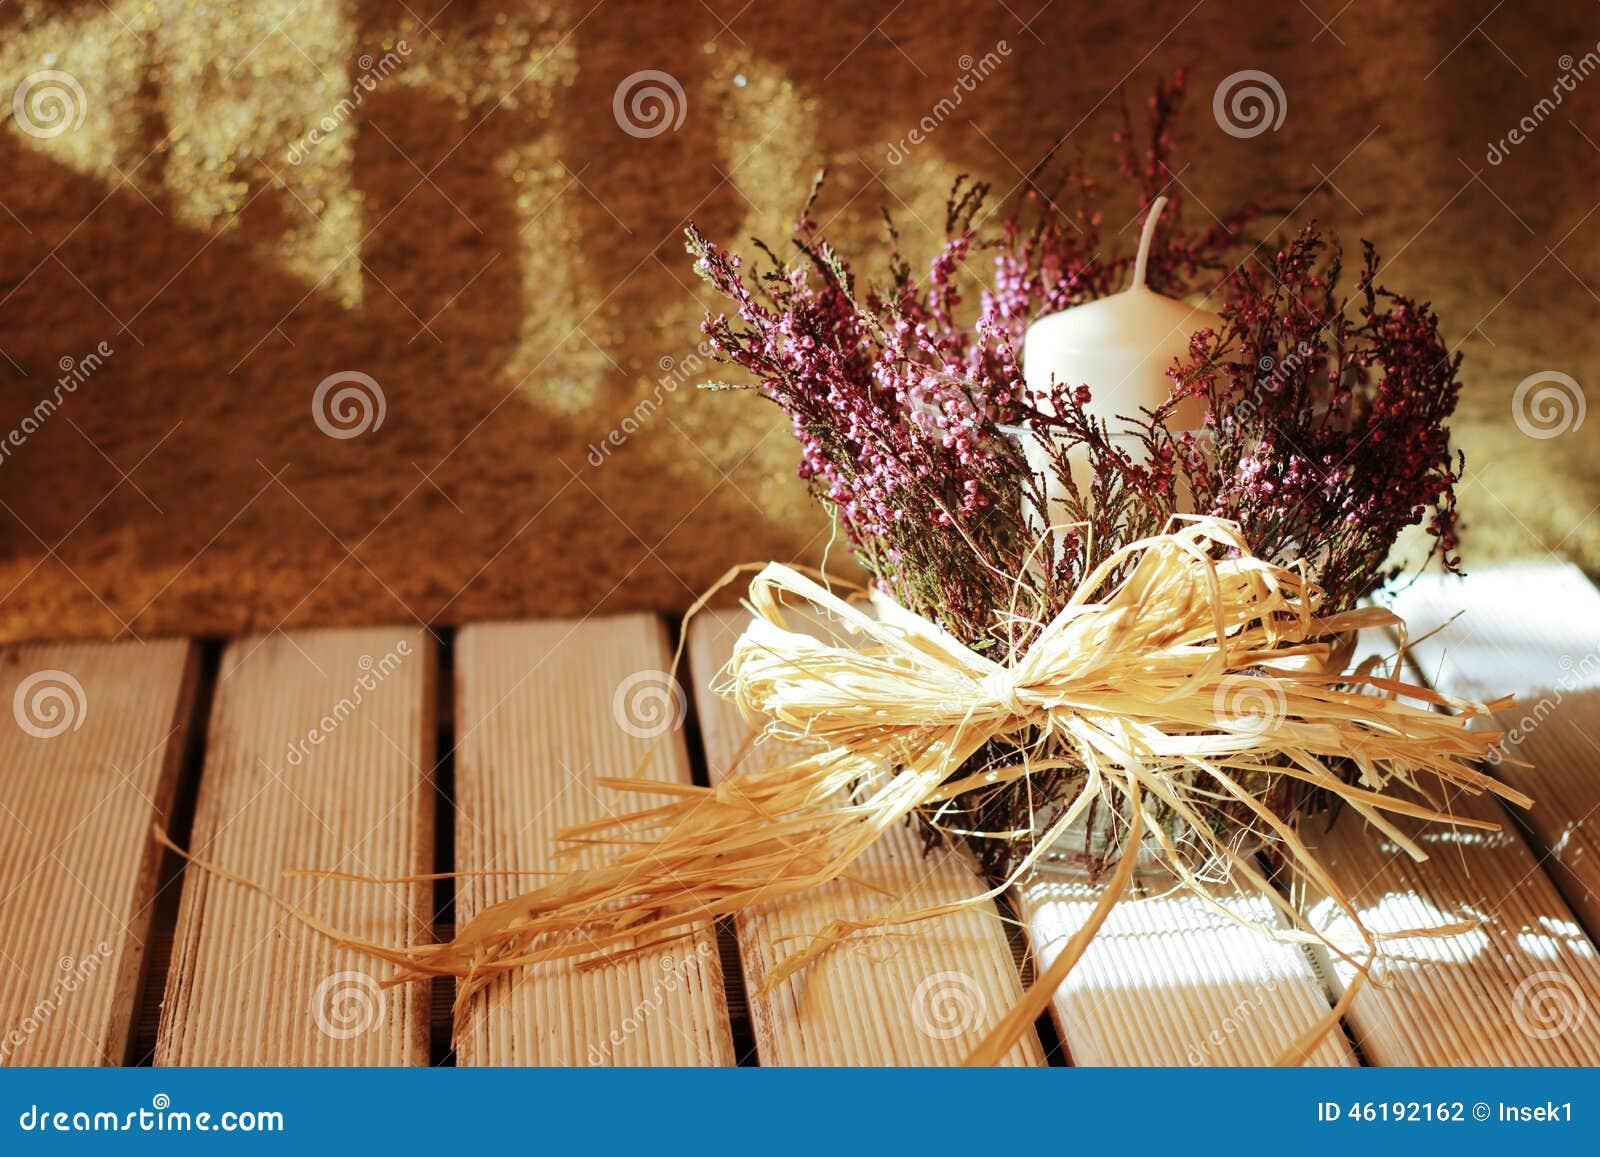 Romantische decoratie met haethers voor huis stock foto afbeelding 46192162 - Foto decoratie ...